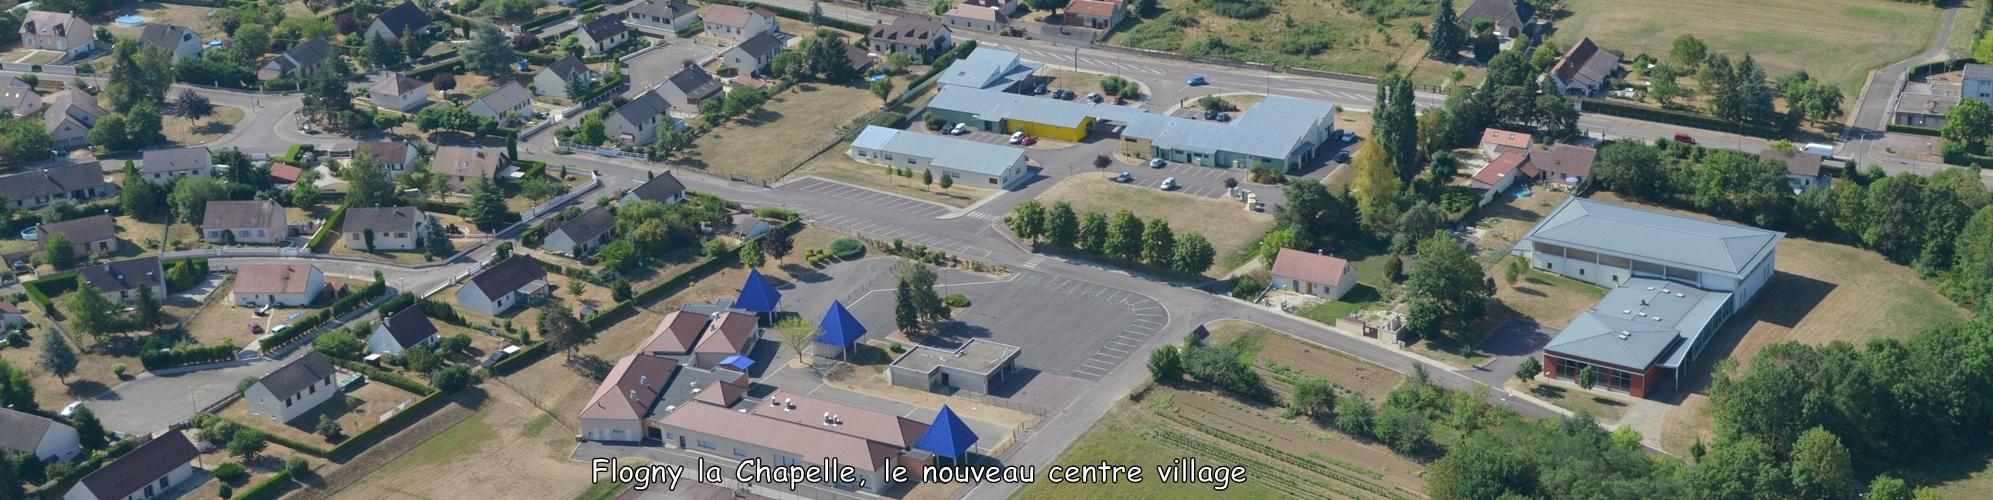 nouveau centre village